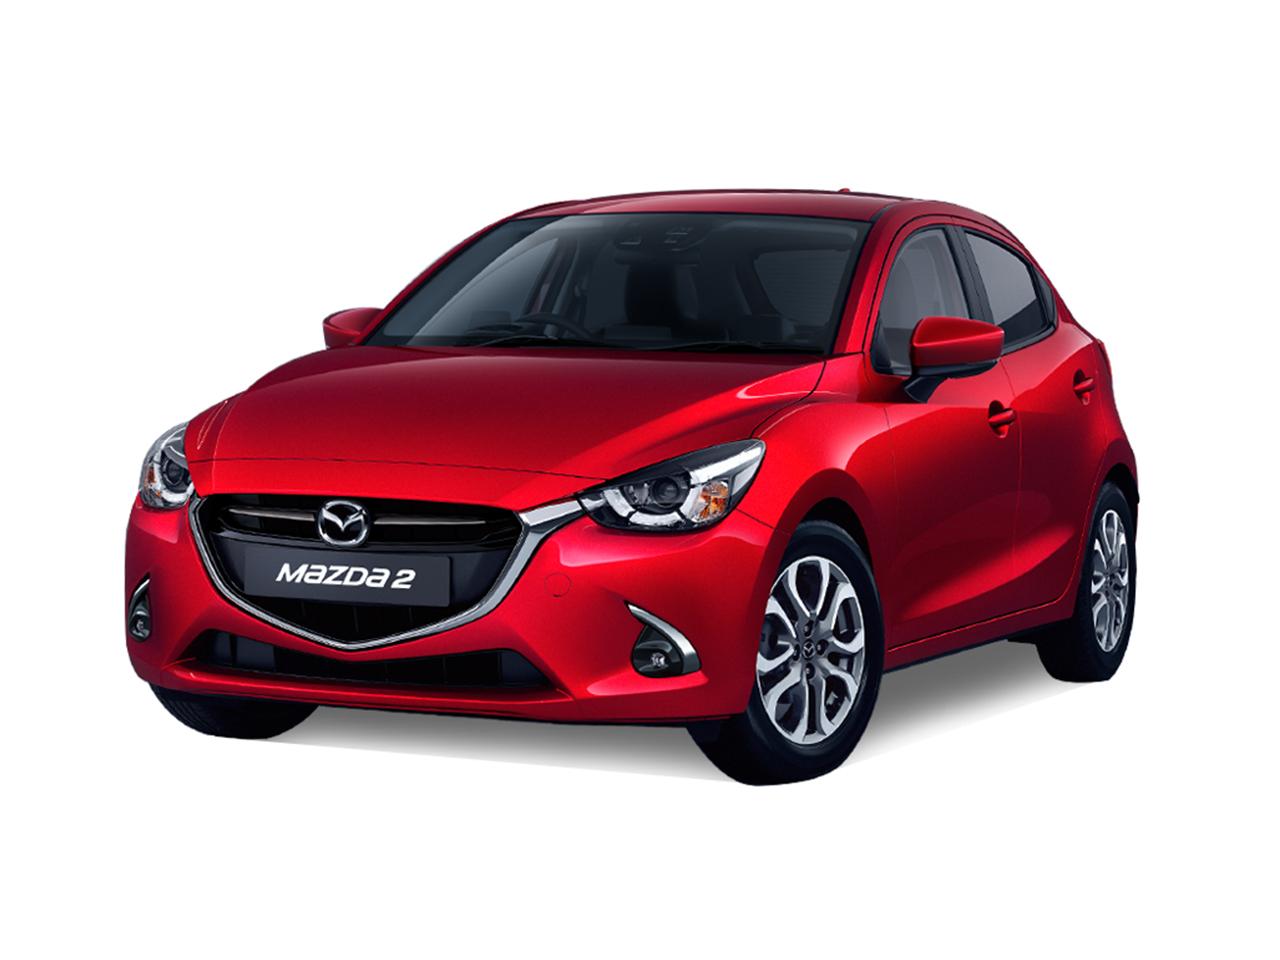 2017 Mazda 2 Hatchback Prices In Qatar Gulf Specs